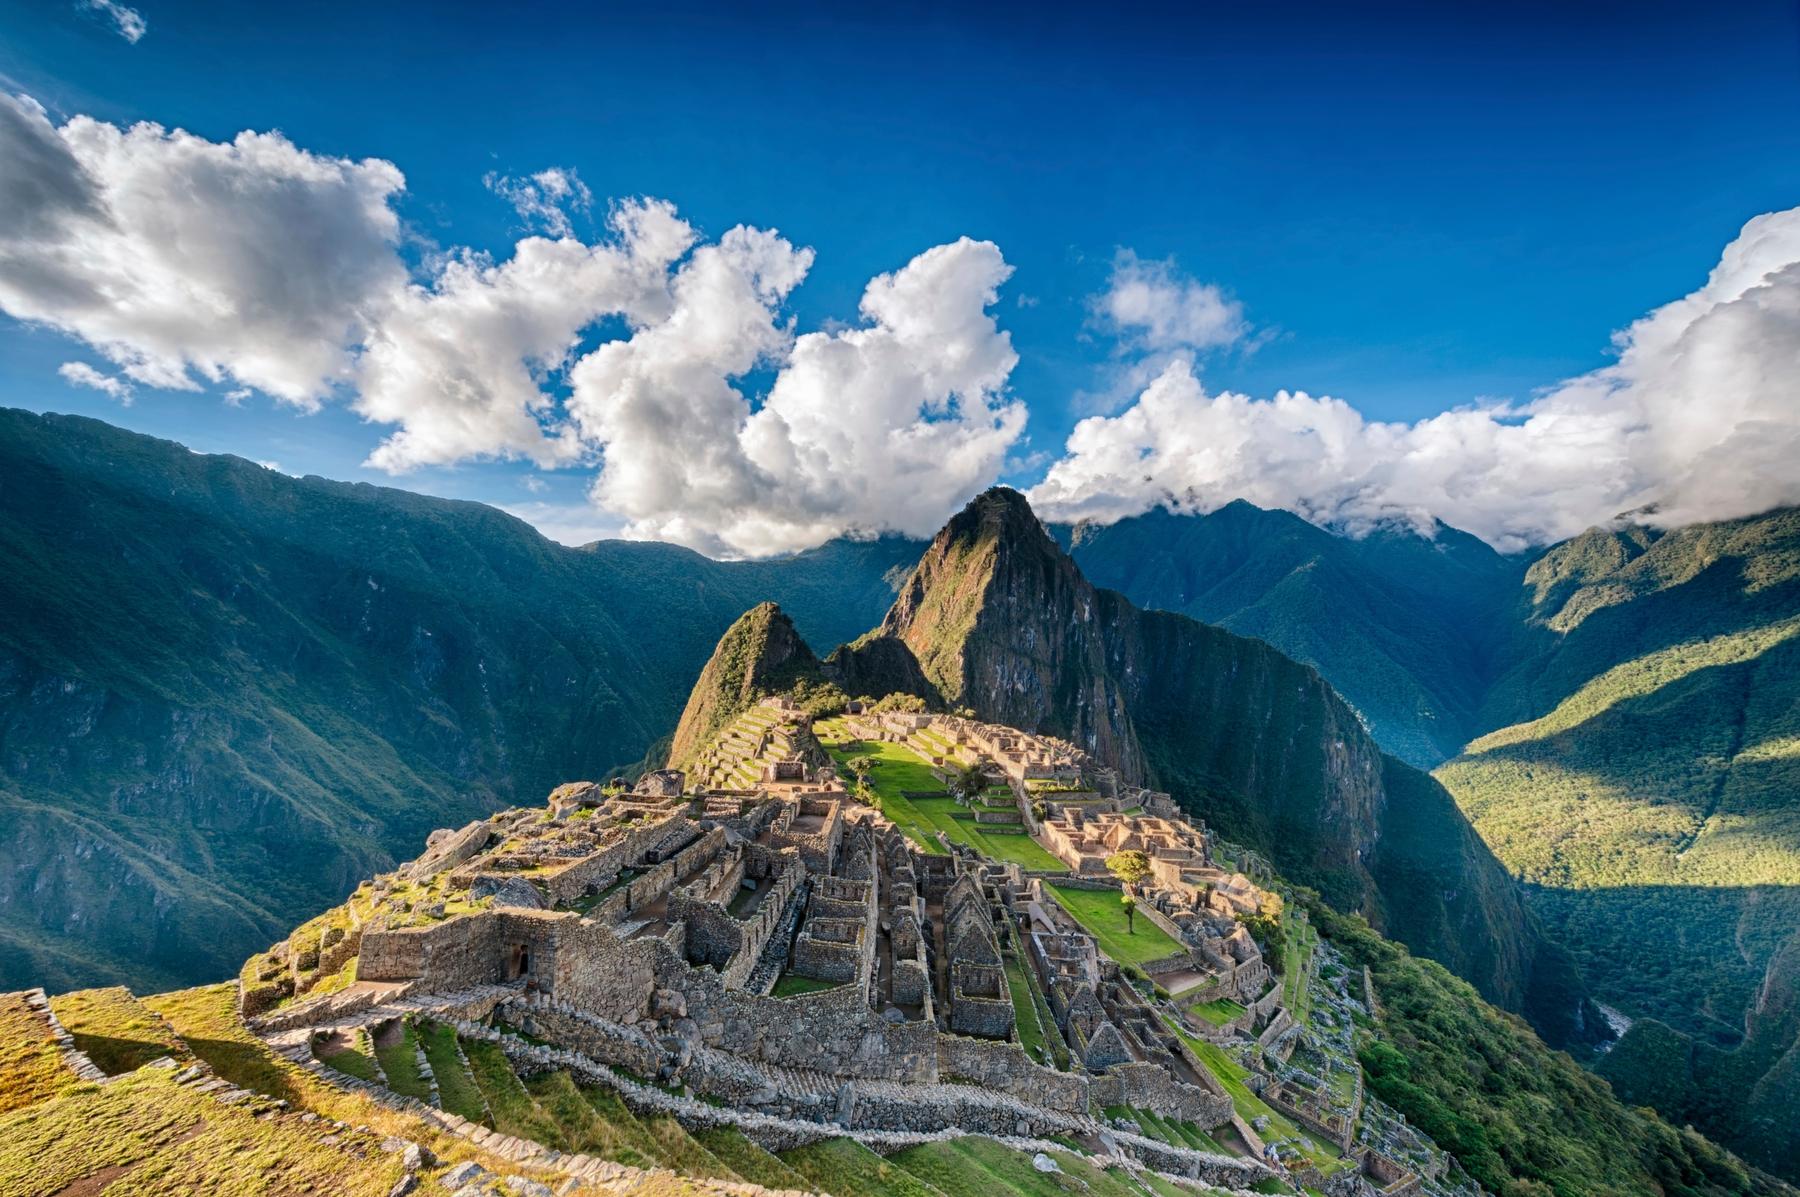 Страны мечты: Перу и древний Мачу-Пикчу